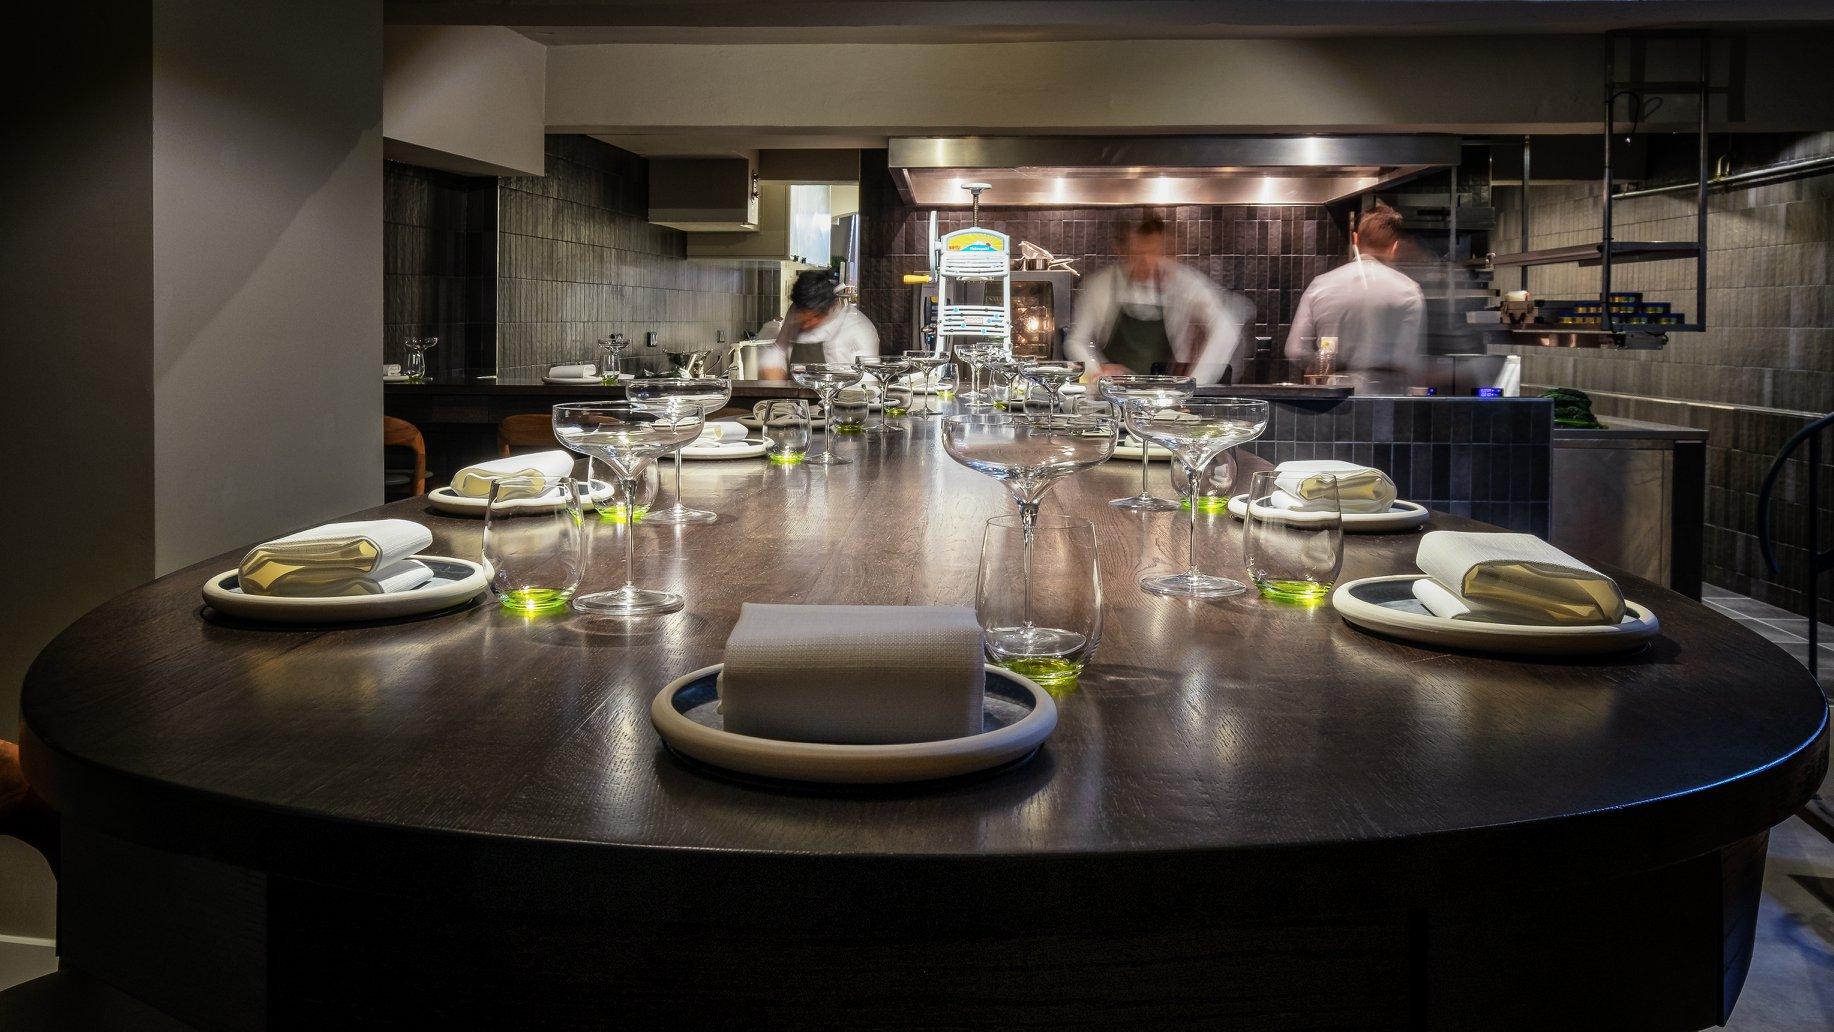 De chef's table bij The Lemon Tree in Deventer